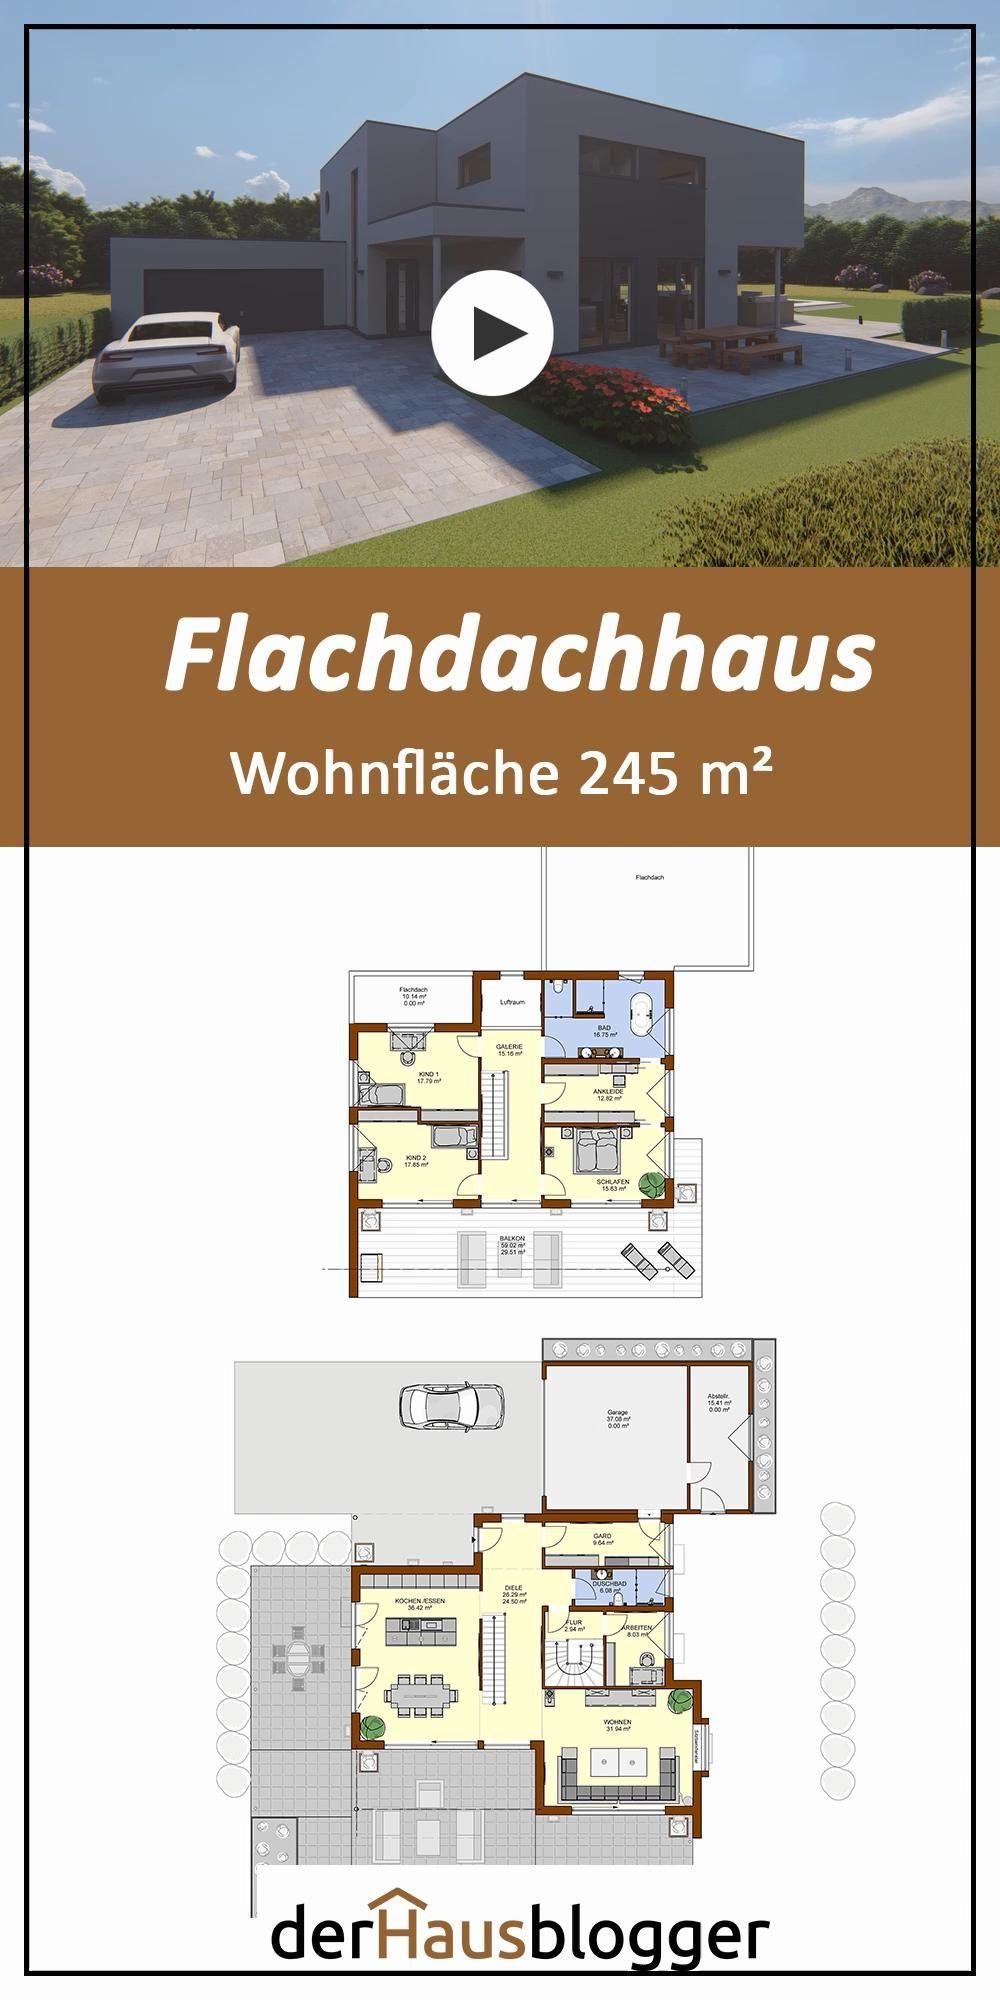 Flachdachhaus 245m2